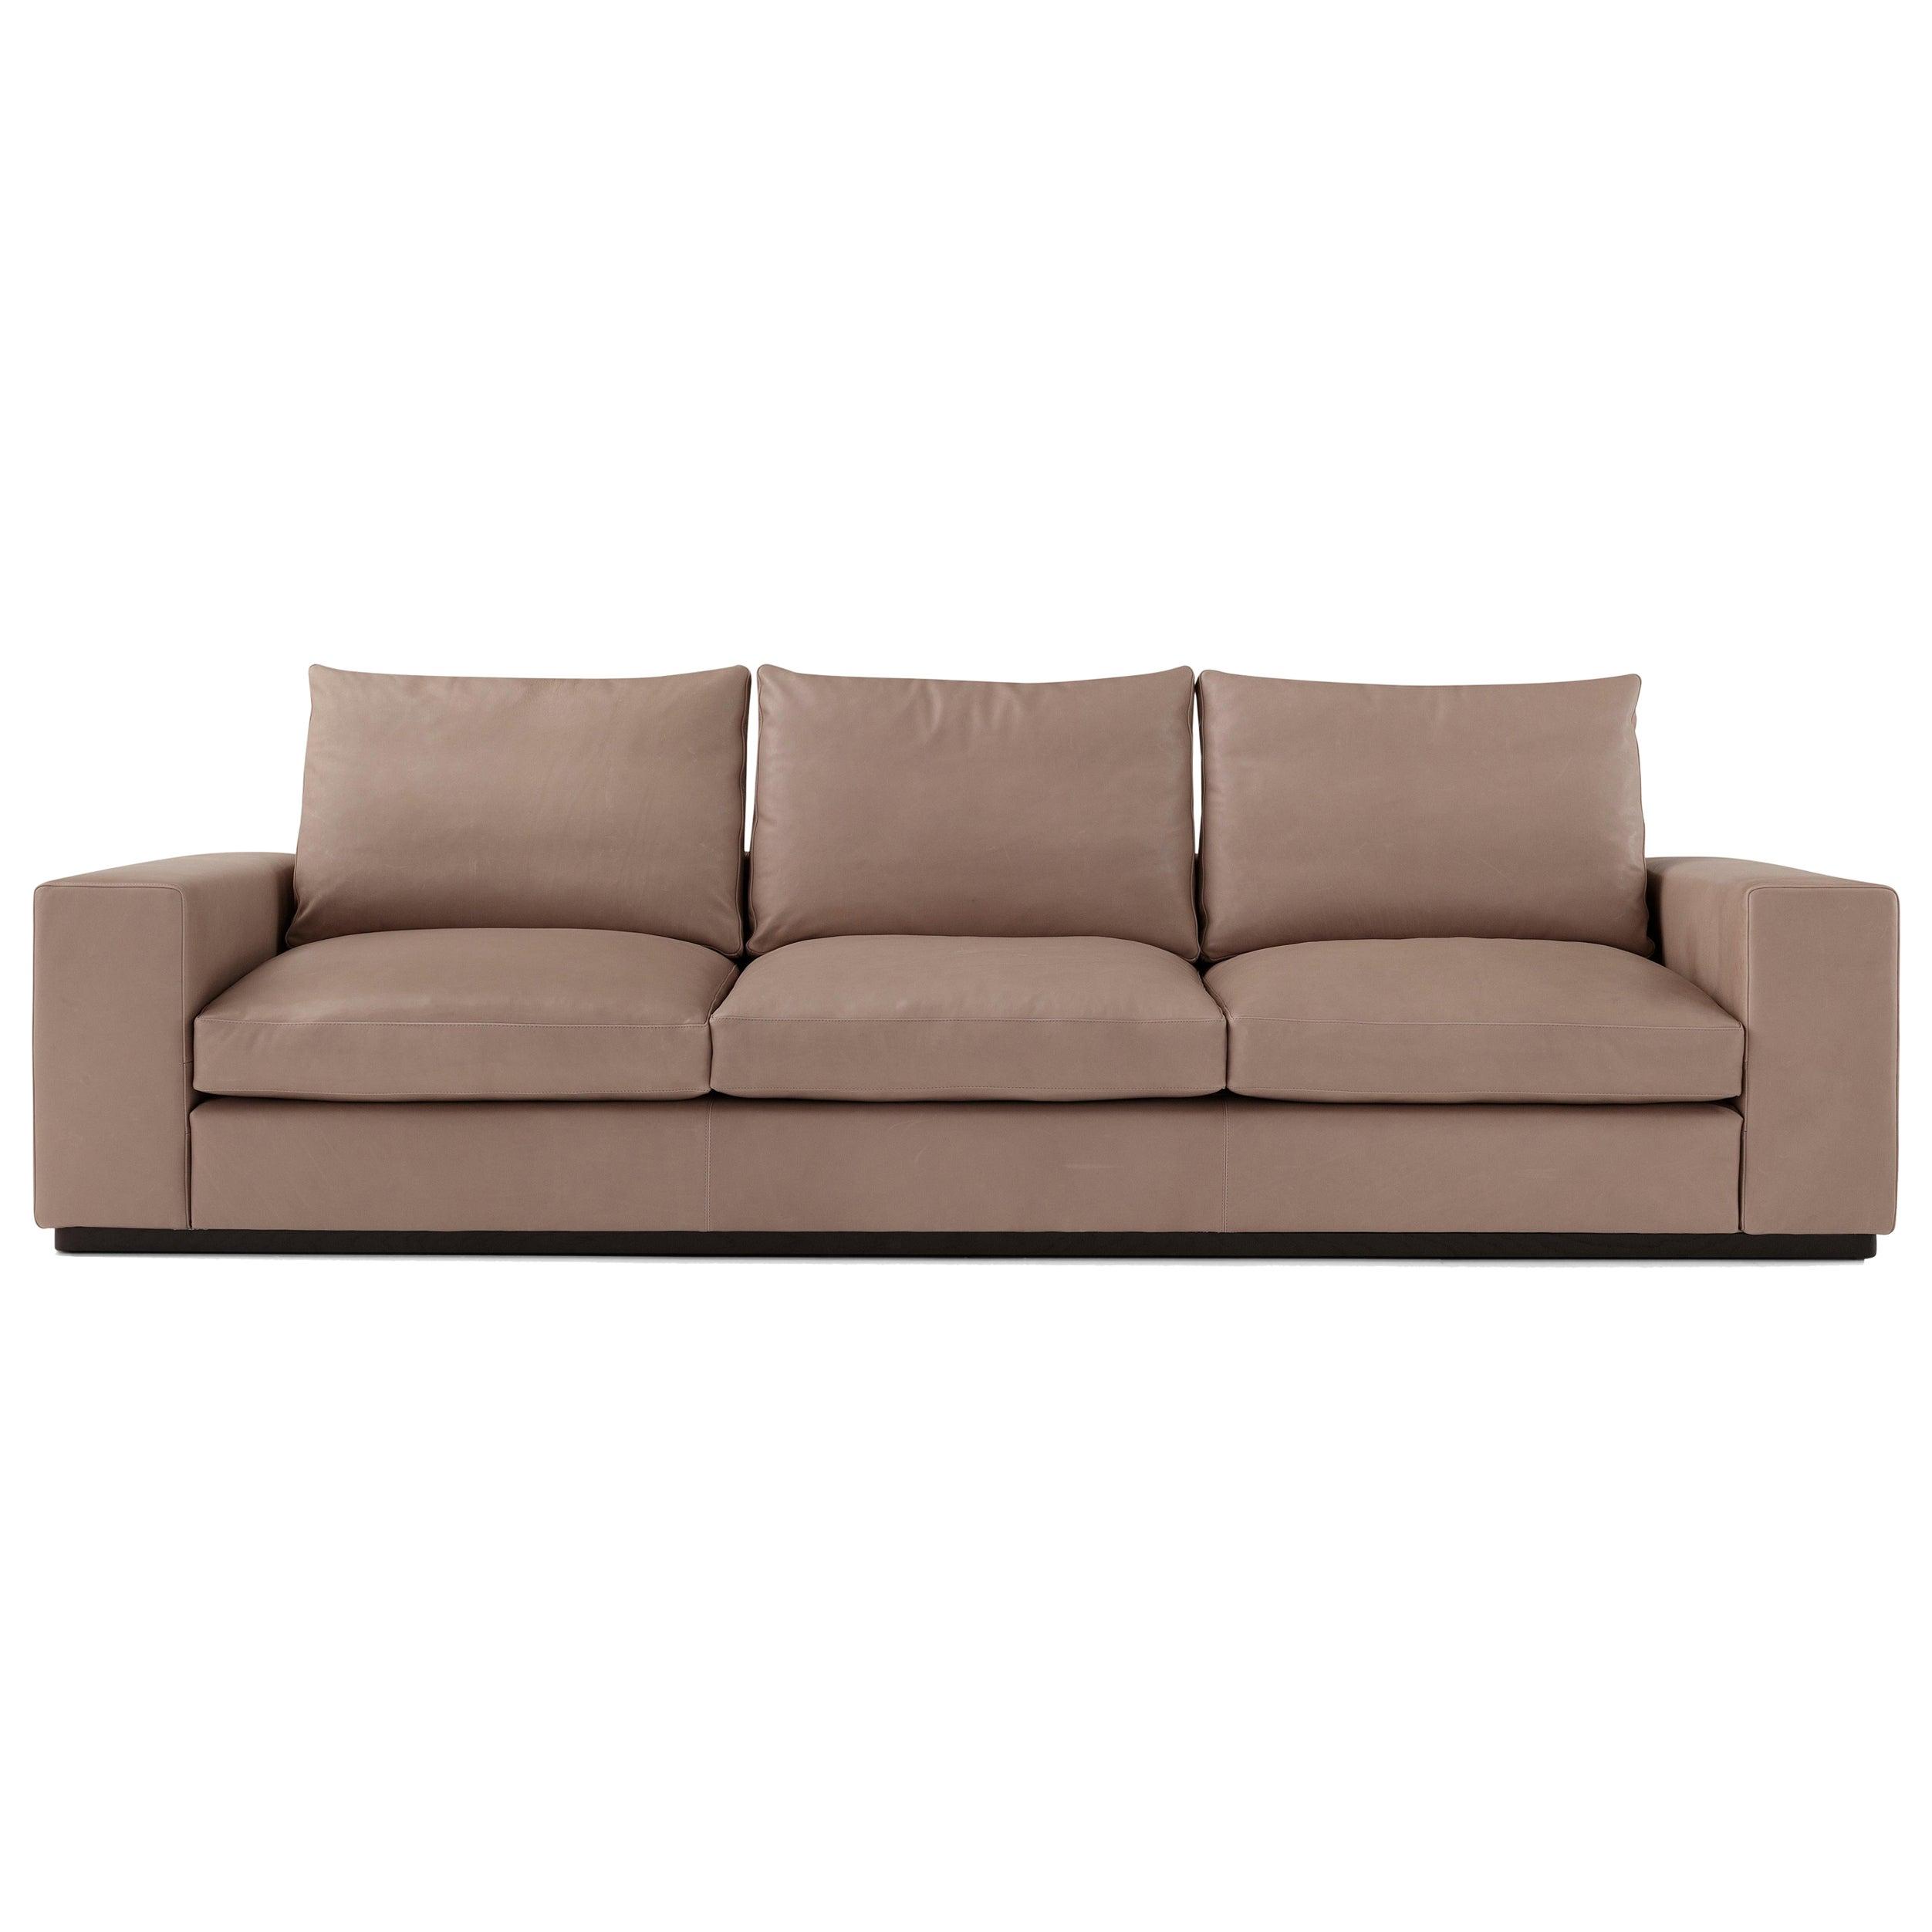 Amura 'Murray' 3-Seat Sofa in Tan Leather